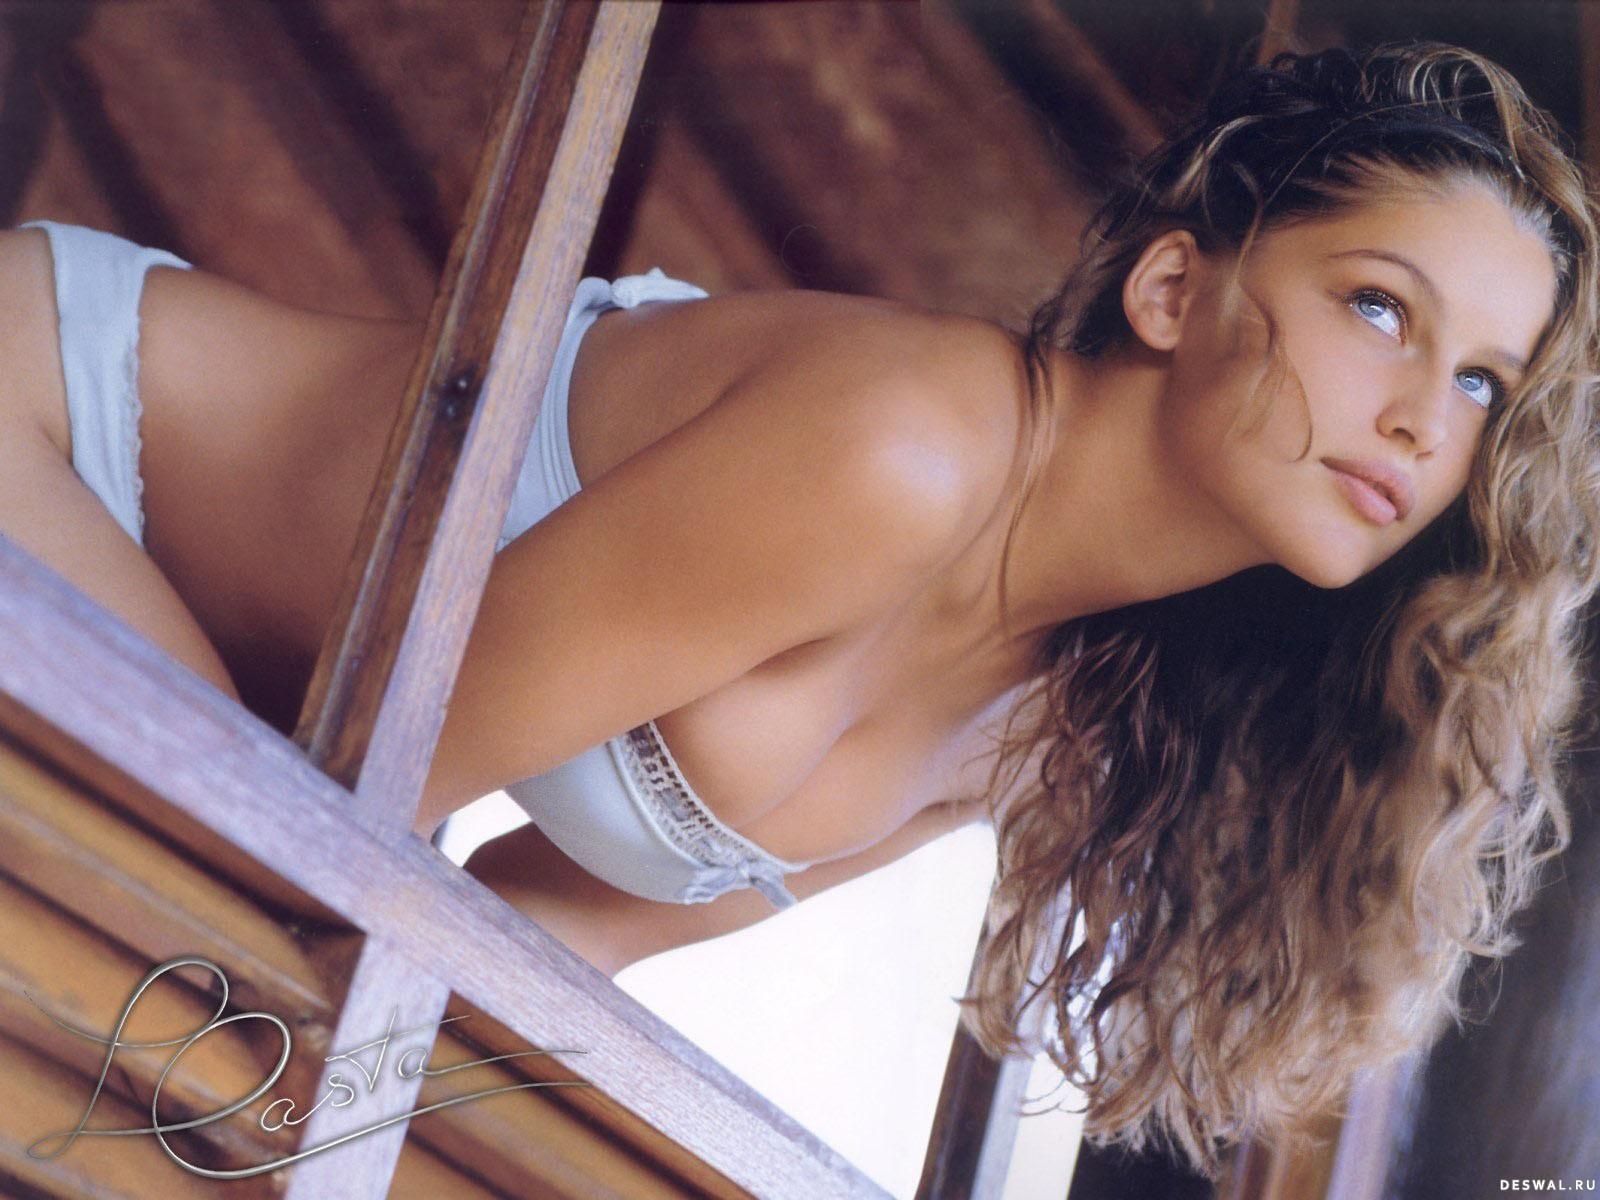 Самая красивая девочка мира эро фото 5 фотография